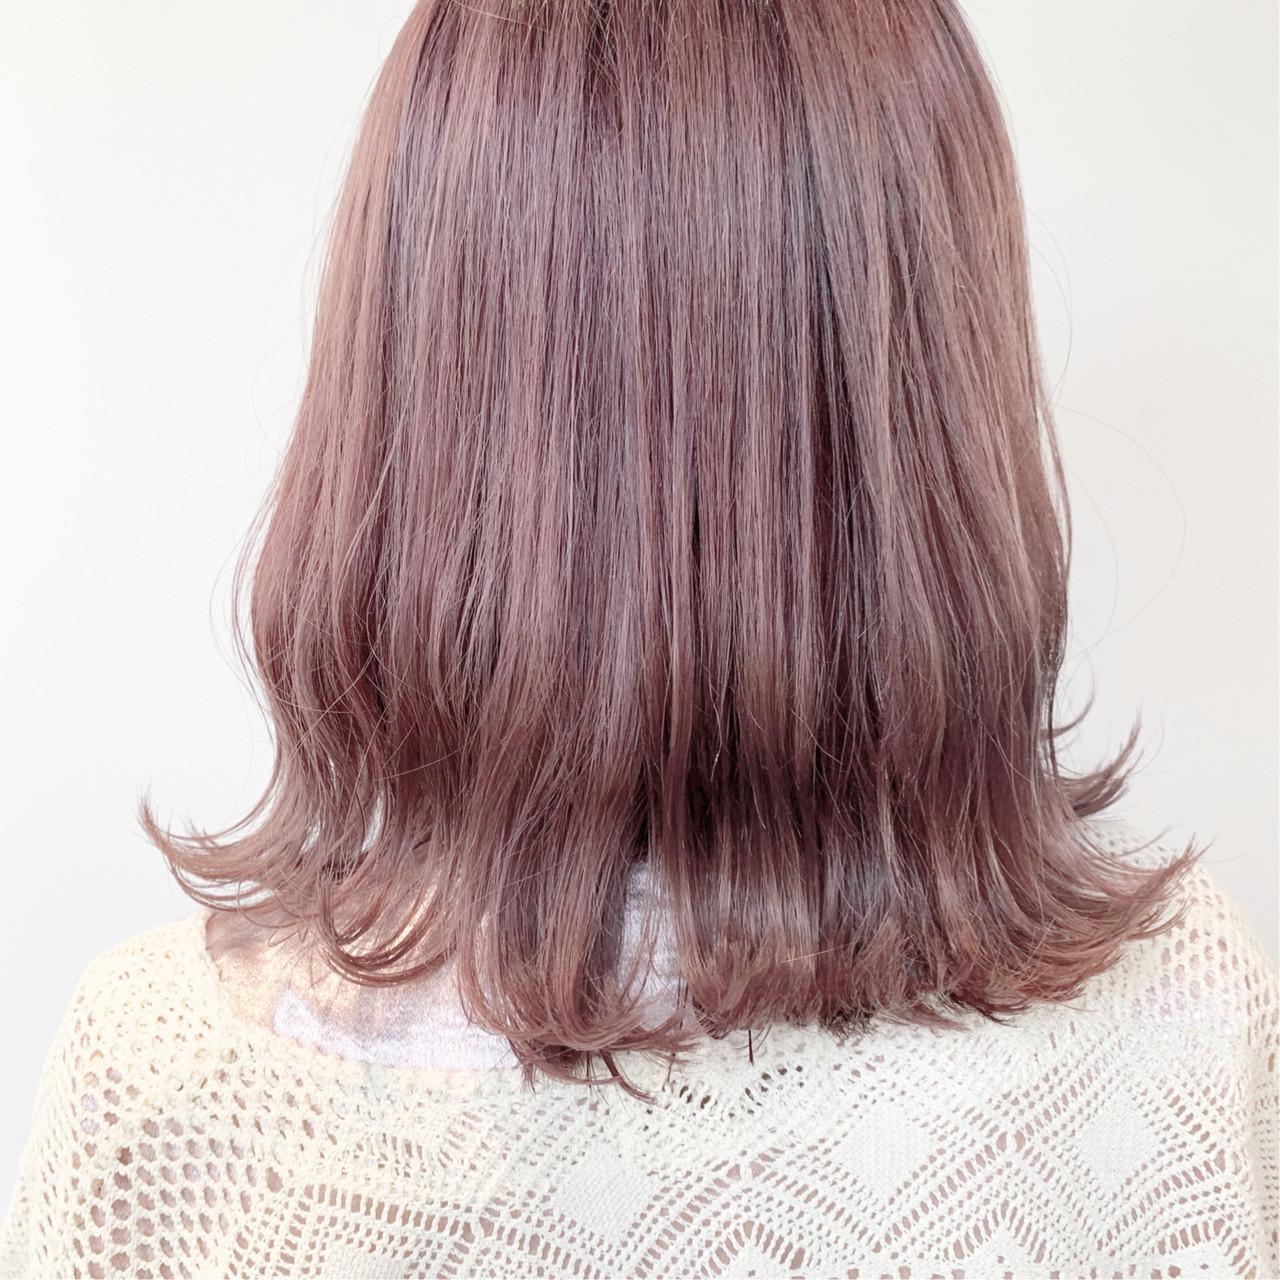 切りっぱなしボブ ツヤ髪 ピンクアッシュ ミディアム ヘアスタイルや髪型の写真・画像